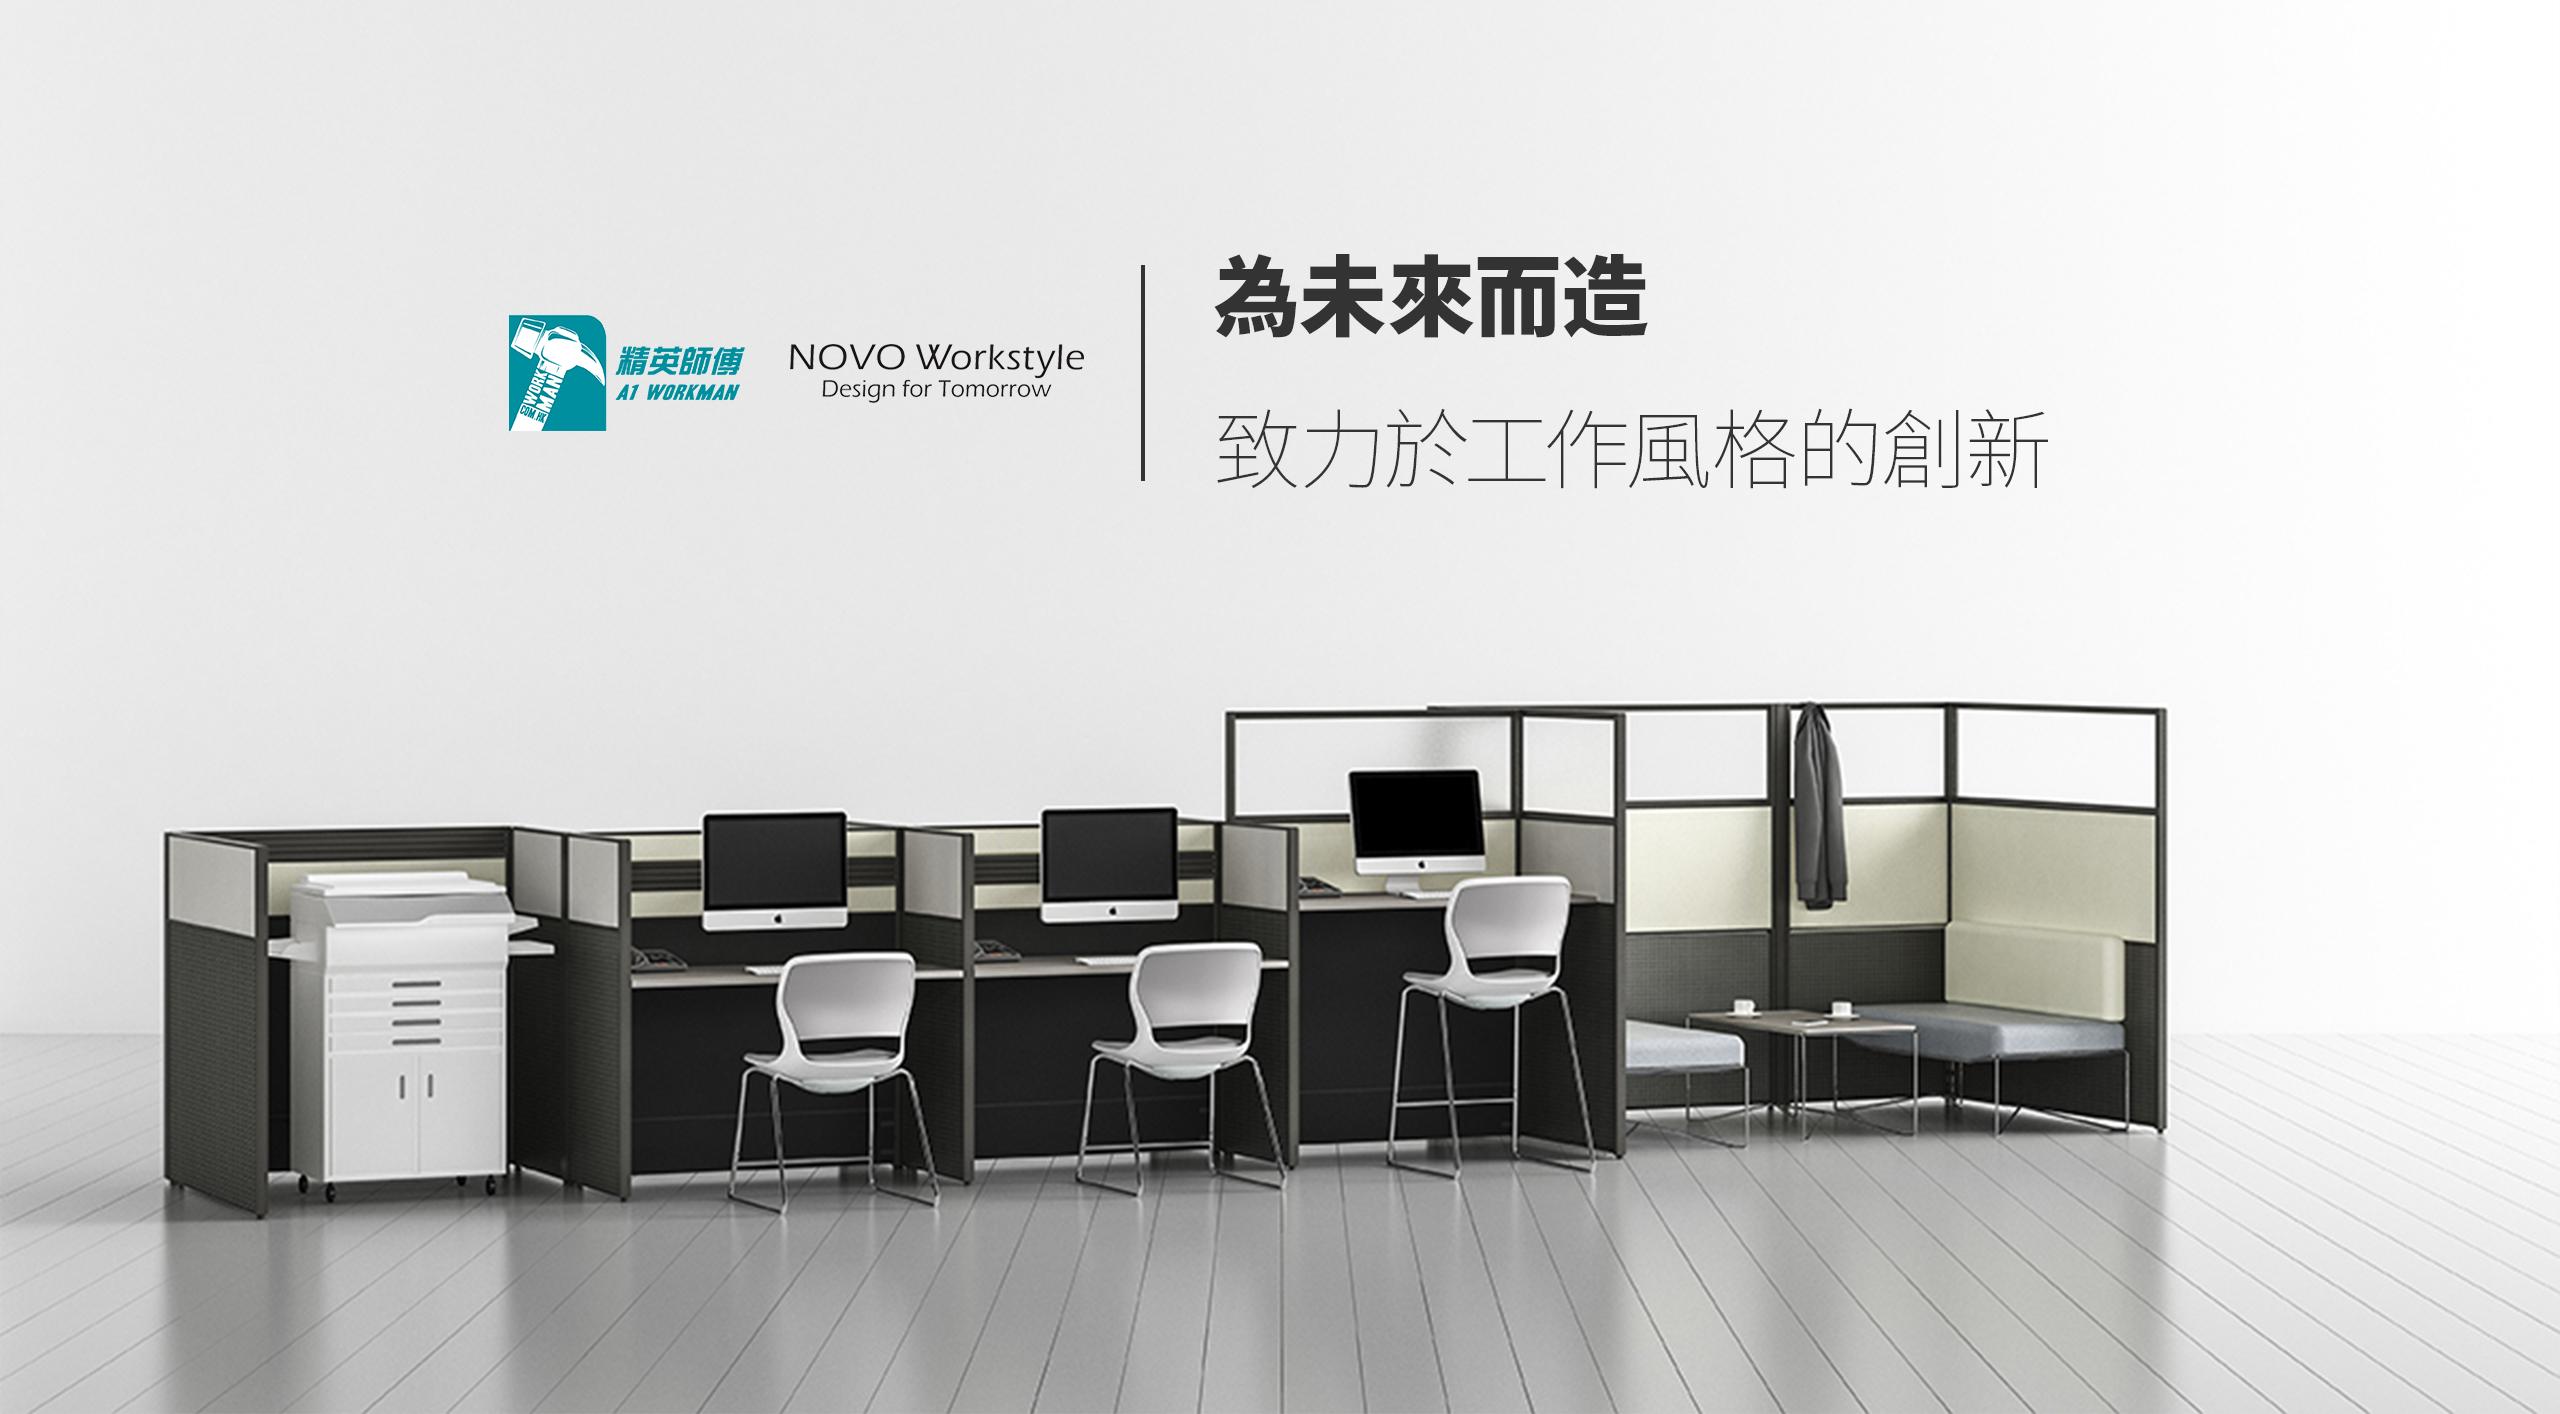 辦公室空間展示